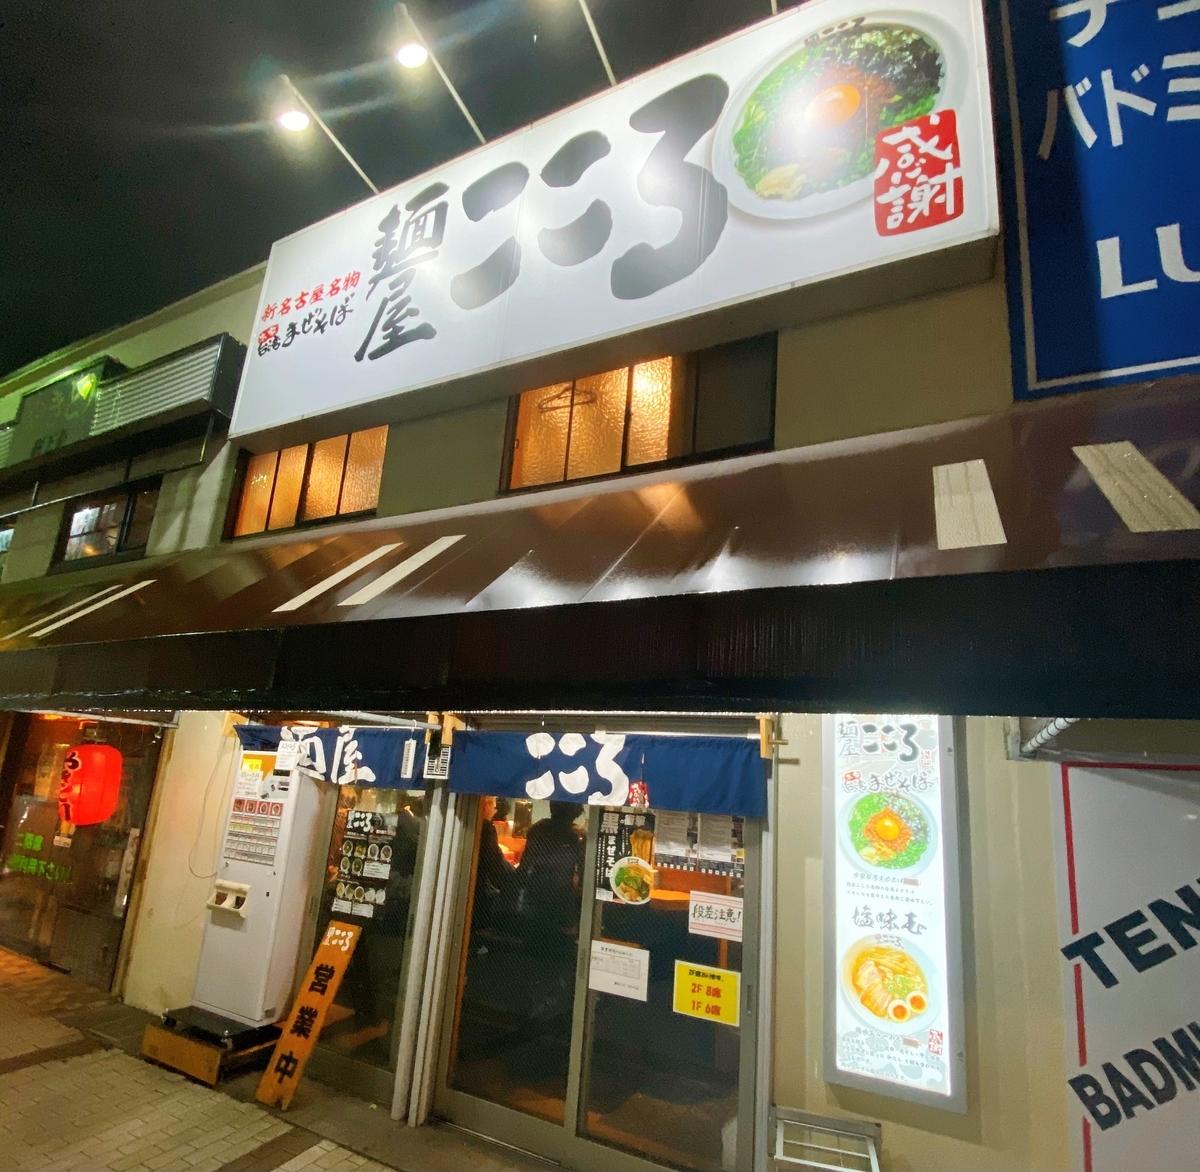 f:id:TakahiroIwata:20201102232757j:plain